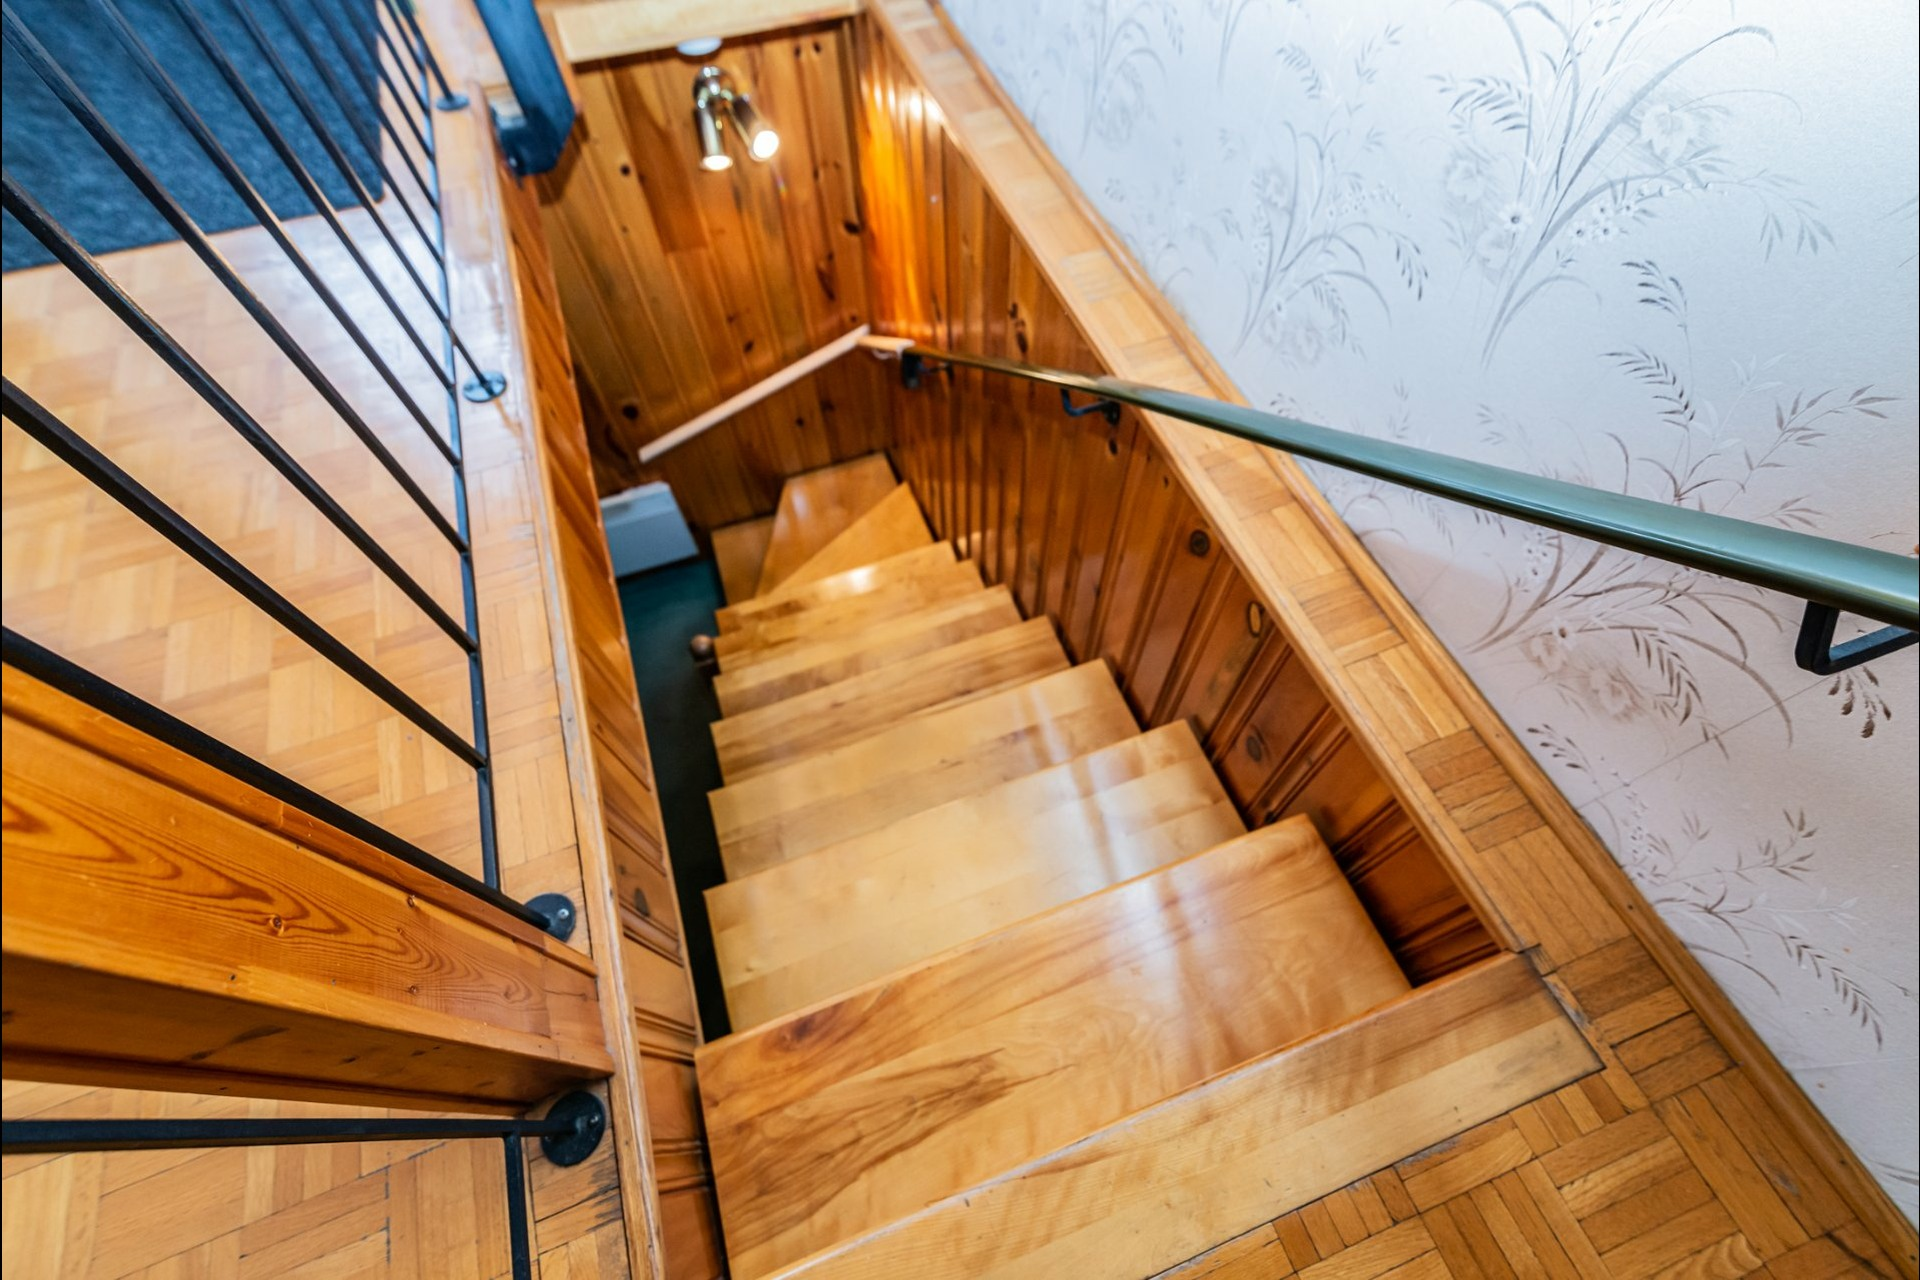 image 15 - House For sale Lachine Montréal  - 5 rooms